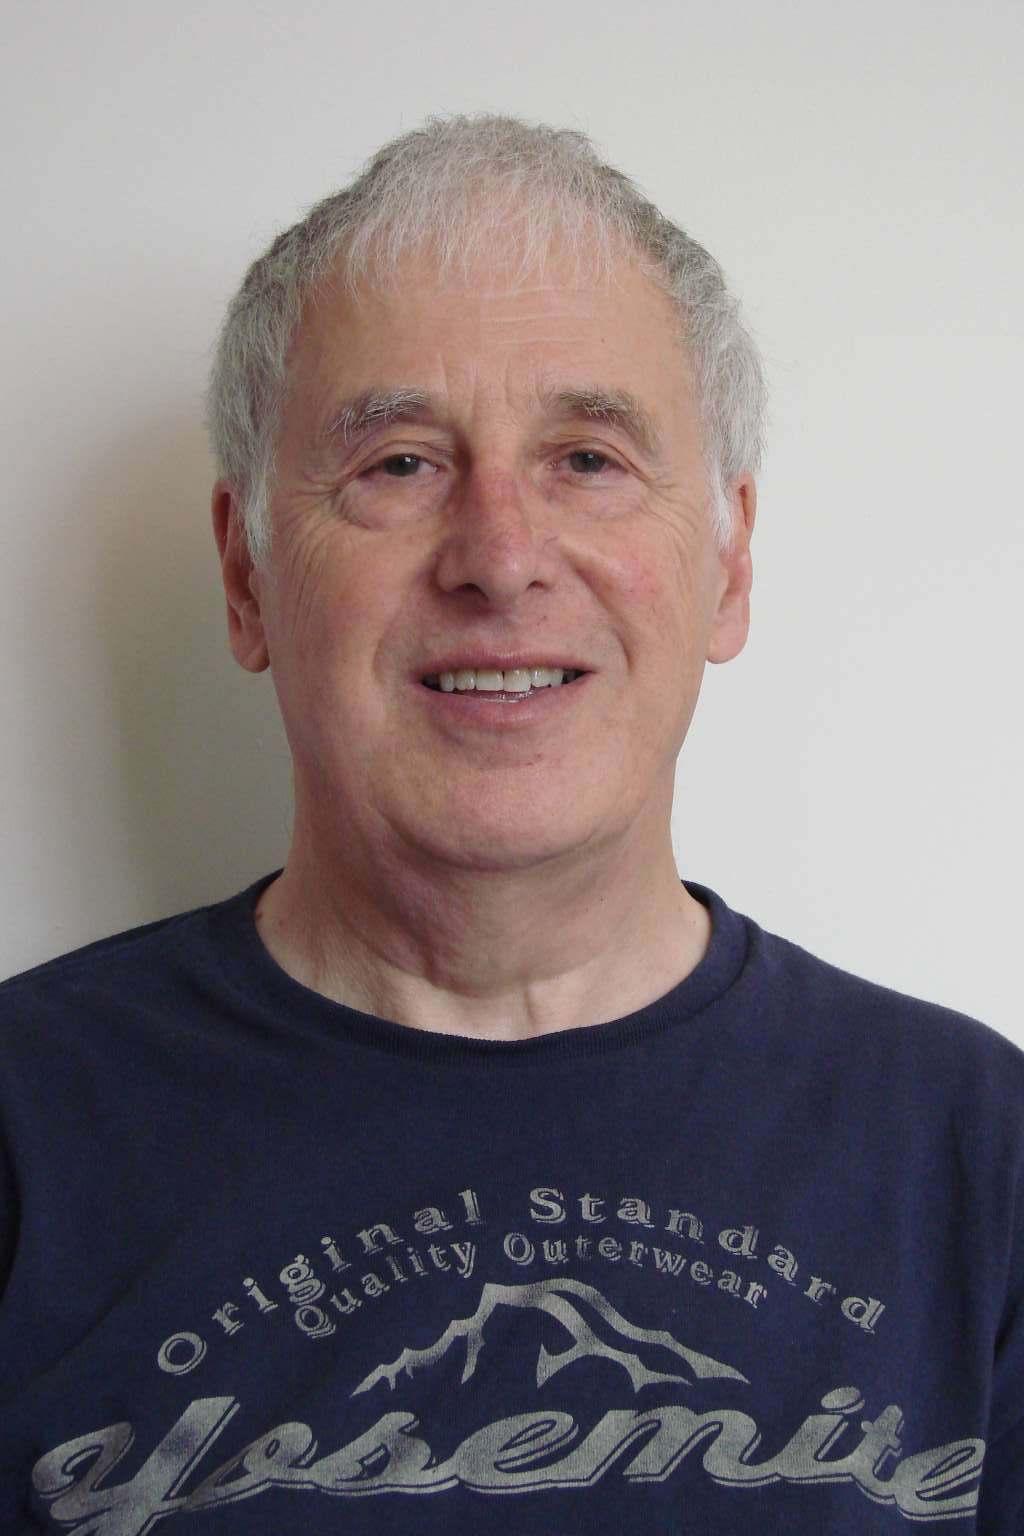 Dave Bradbury